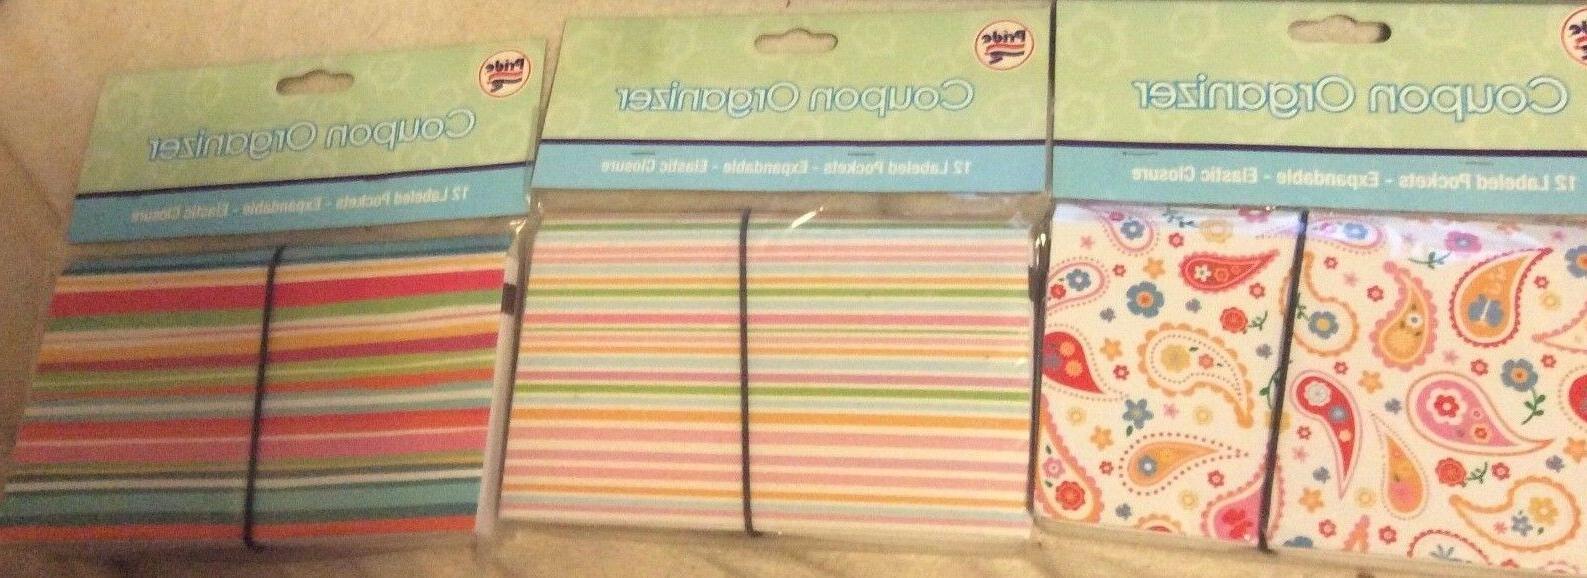 coupon holder organizer 12 pockets expandable elastic